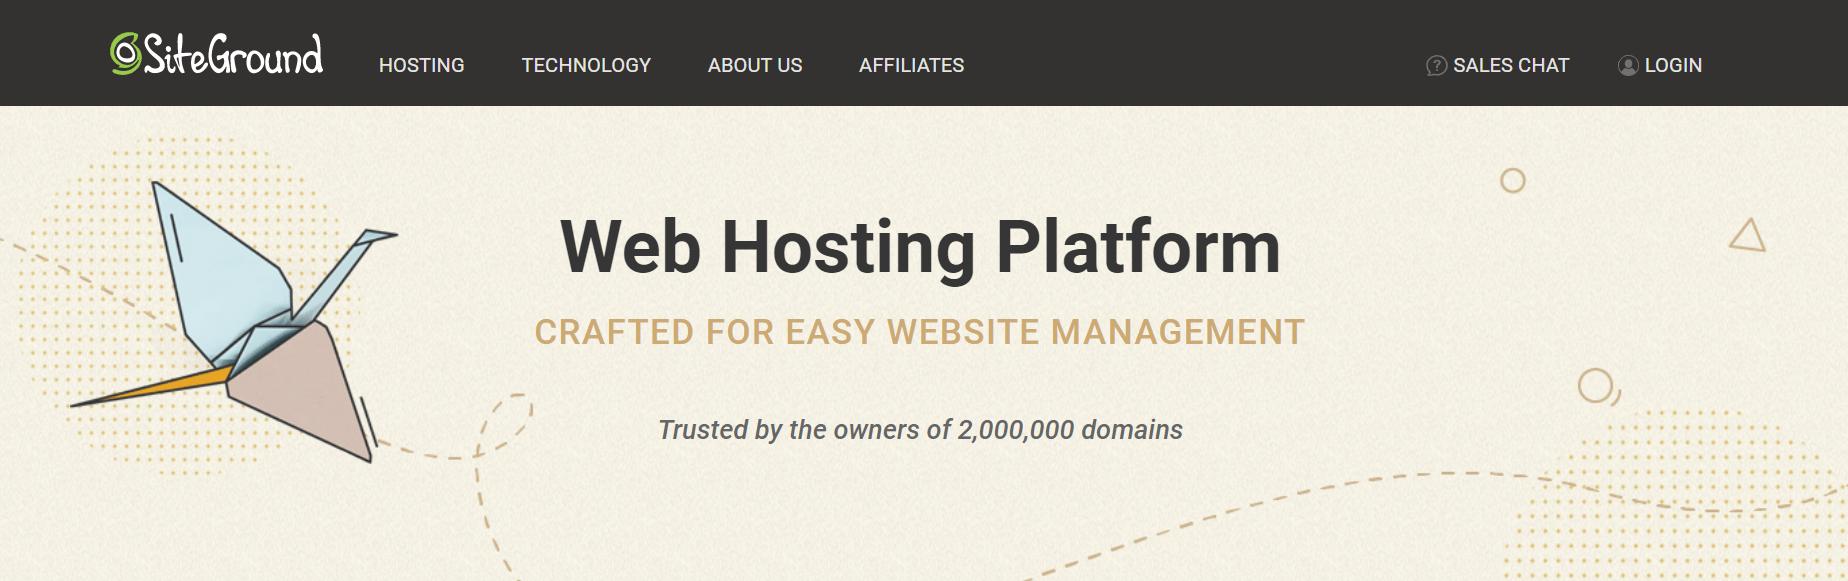 SiteGround主页。